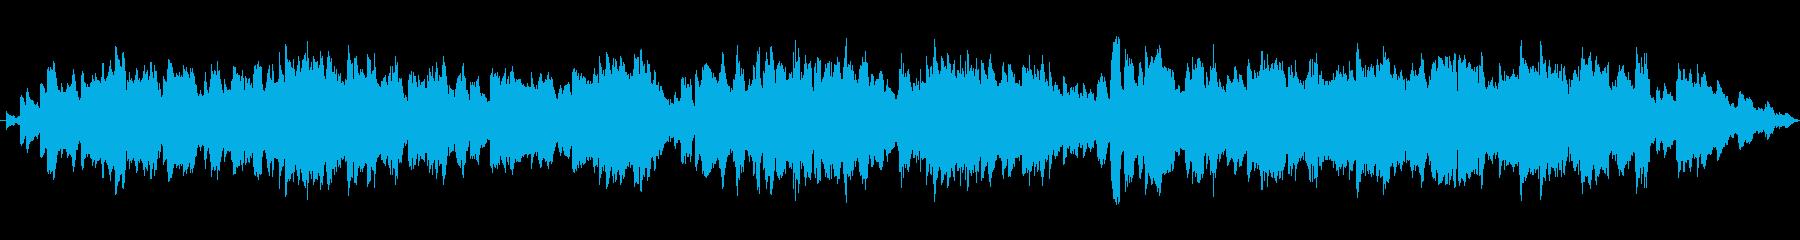 バスクラリネットとシンセのジングルの再生済みの波形